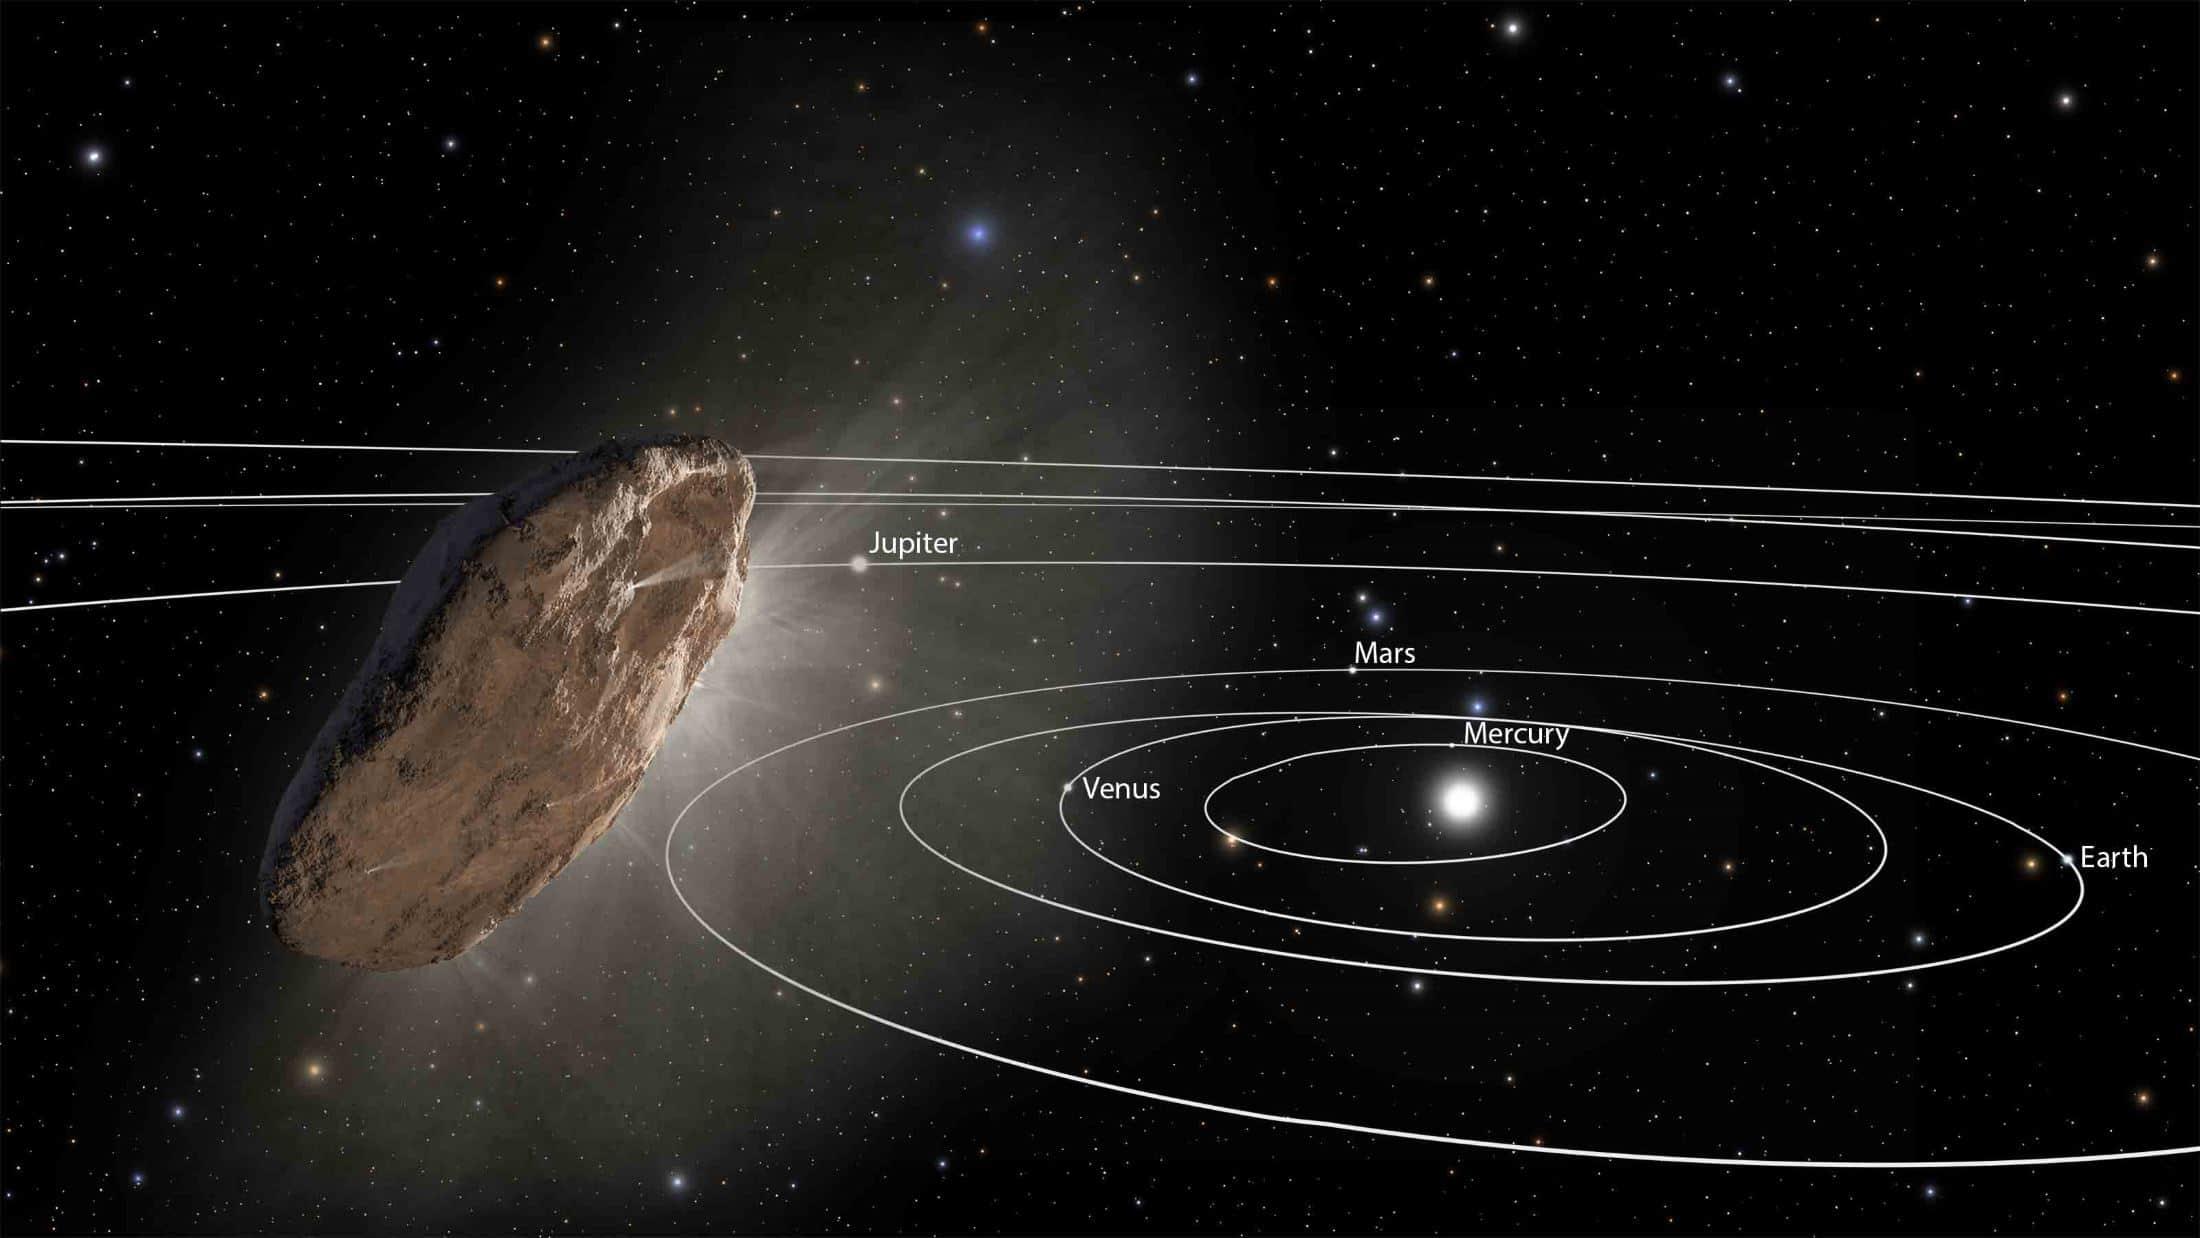 El observatorio Vera Rubin y los objetos interestelares